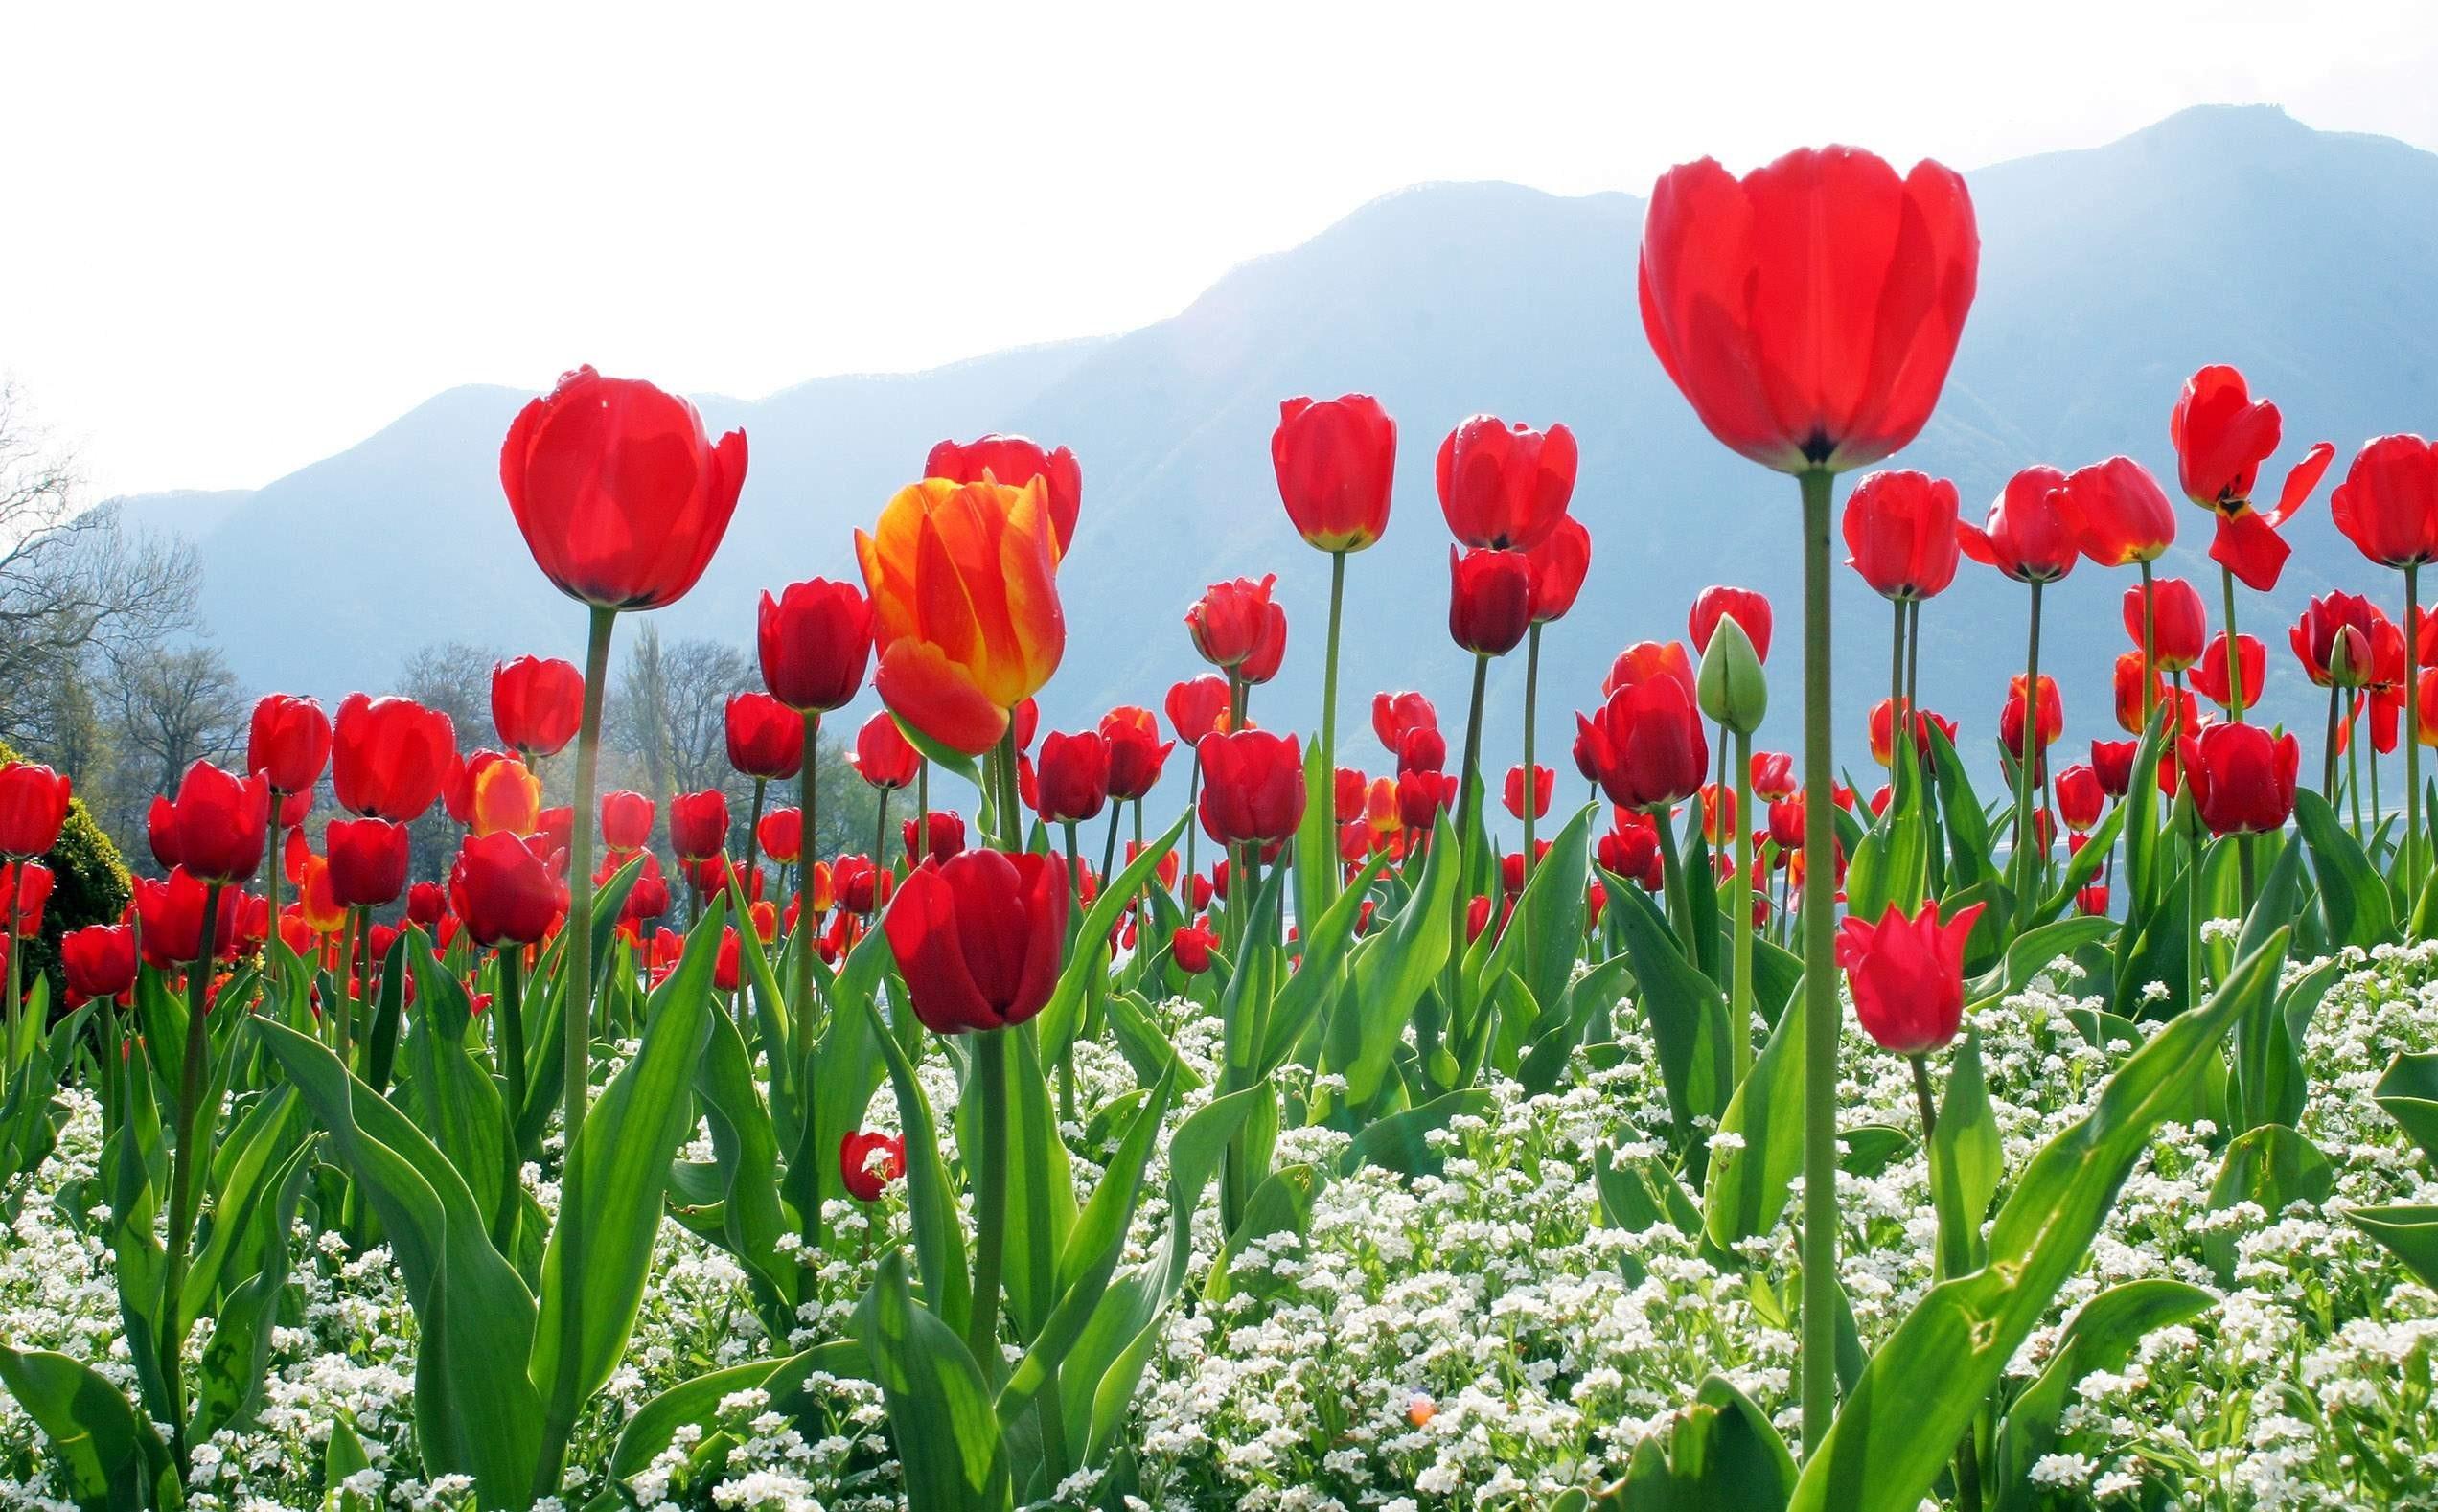 Hoa tulip thể hiện lòng quý mến của mình dành cho bạn